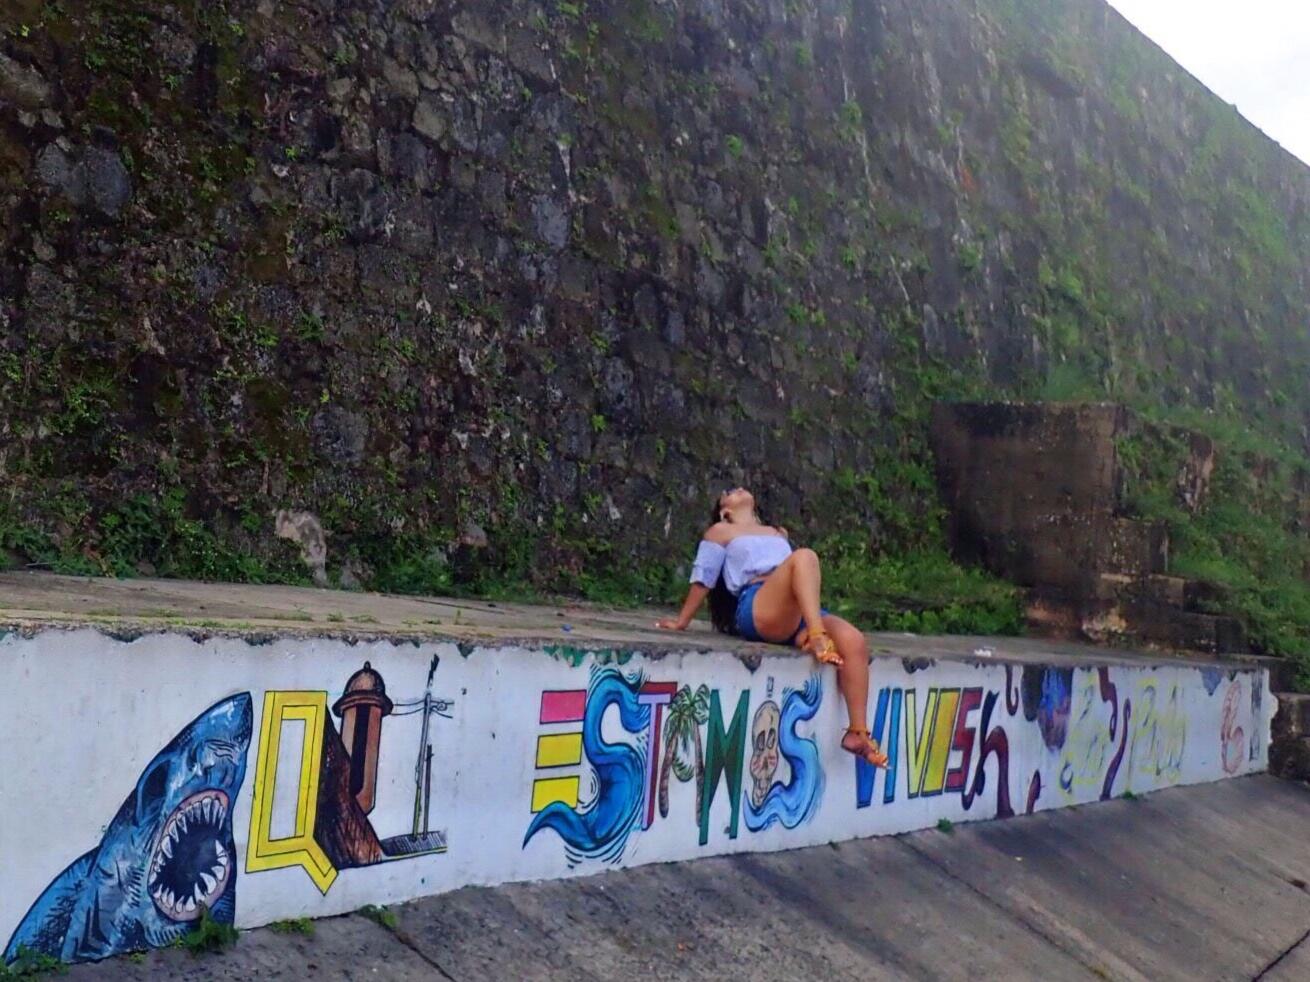 La Perla   La Perla, Puerto Rico   La Perla street art   Old San Juan street art   Old San Juan   Viejo San Juan   Things to do Old San Juan   Things to do Viejo San Juan   Puerto Rico Things To Do   www.anajacqueline.com